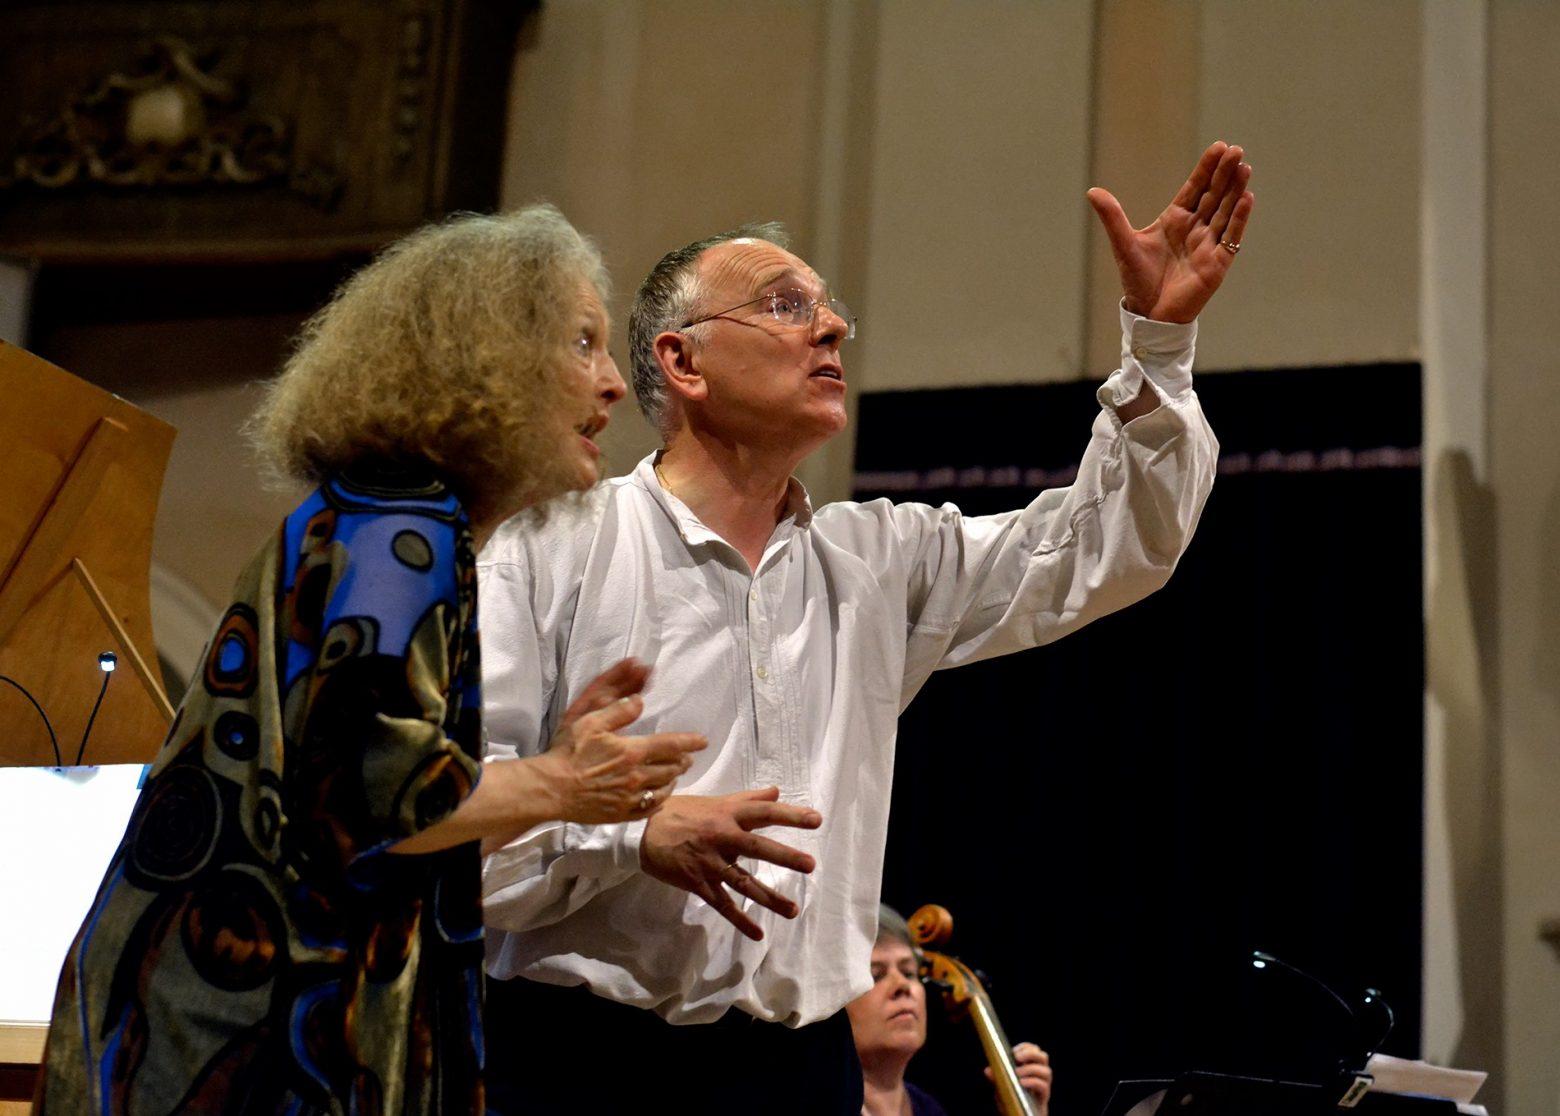 Világhírességek Vácon: grandiózus Händel előadás a Nagyboldogasszony Székesegyházban